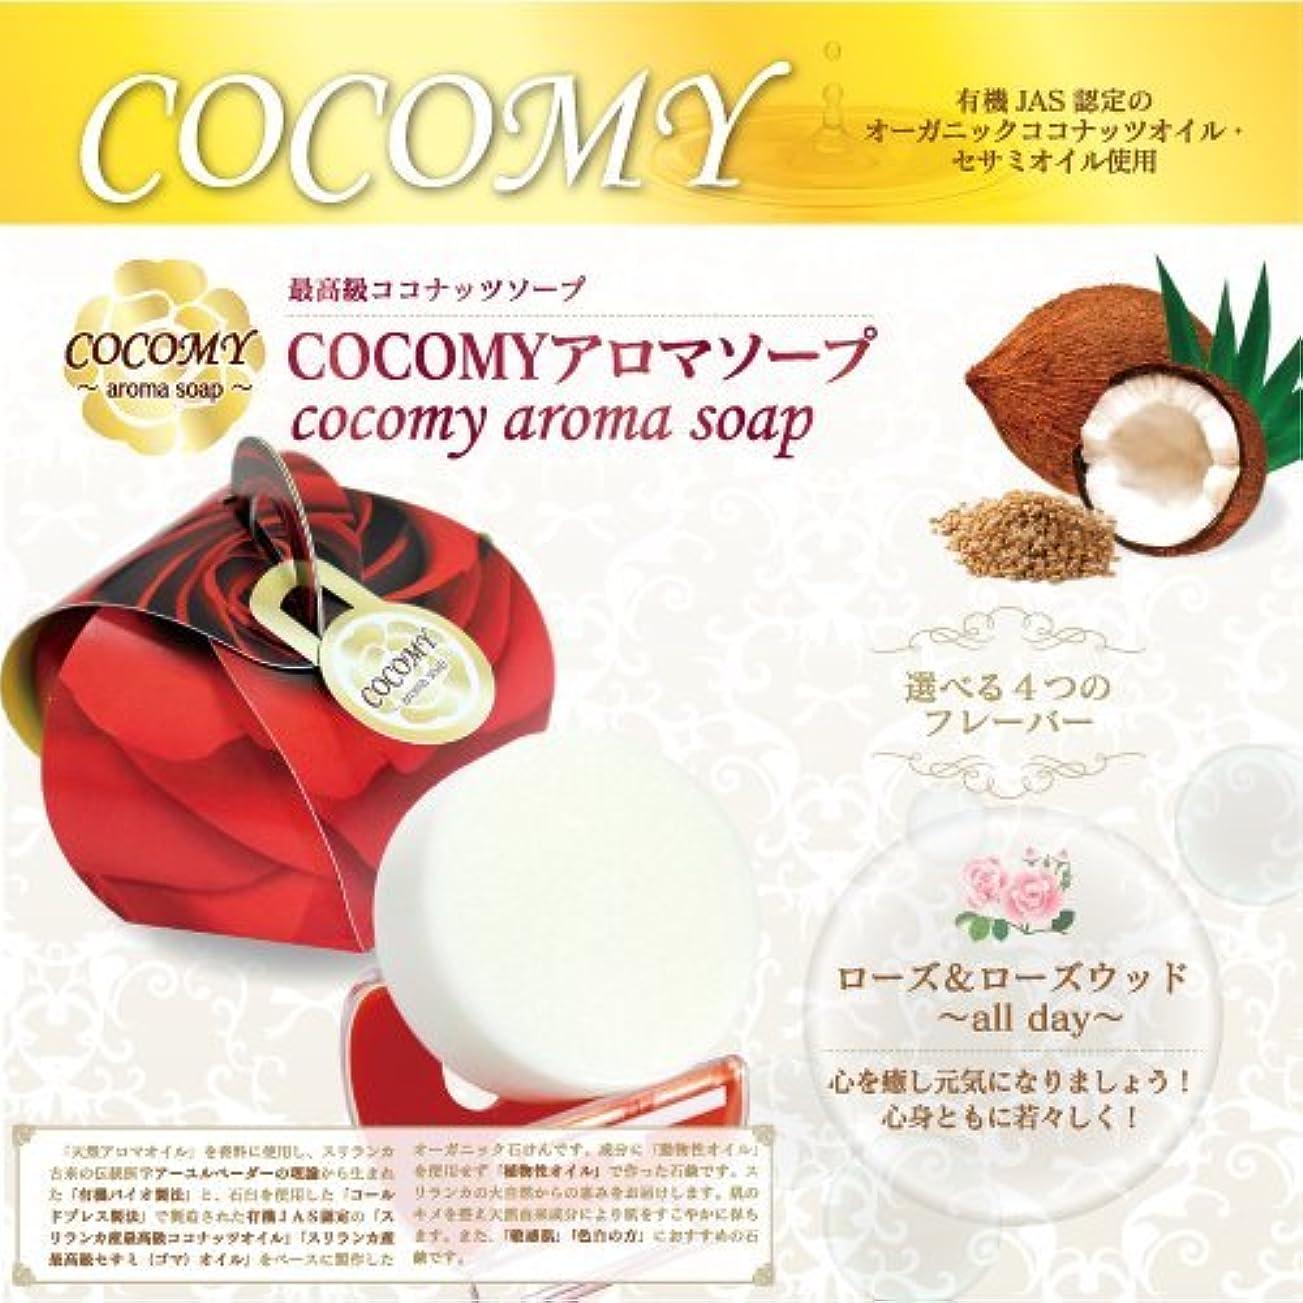 ルール暴露破壊的COCOMY aromaソープ (ローズ&ローズウッド) 40g